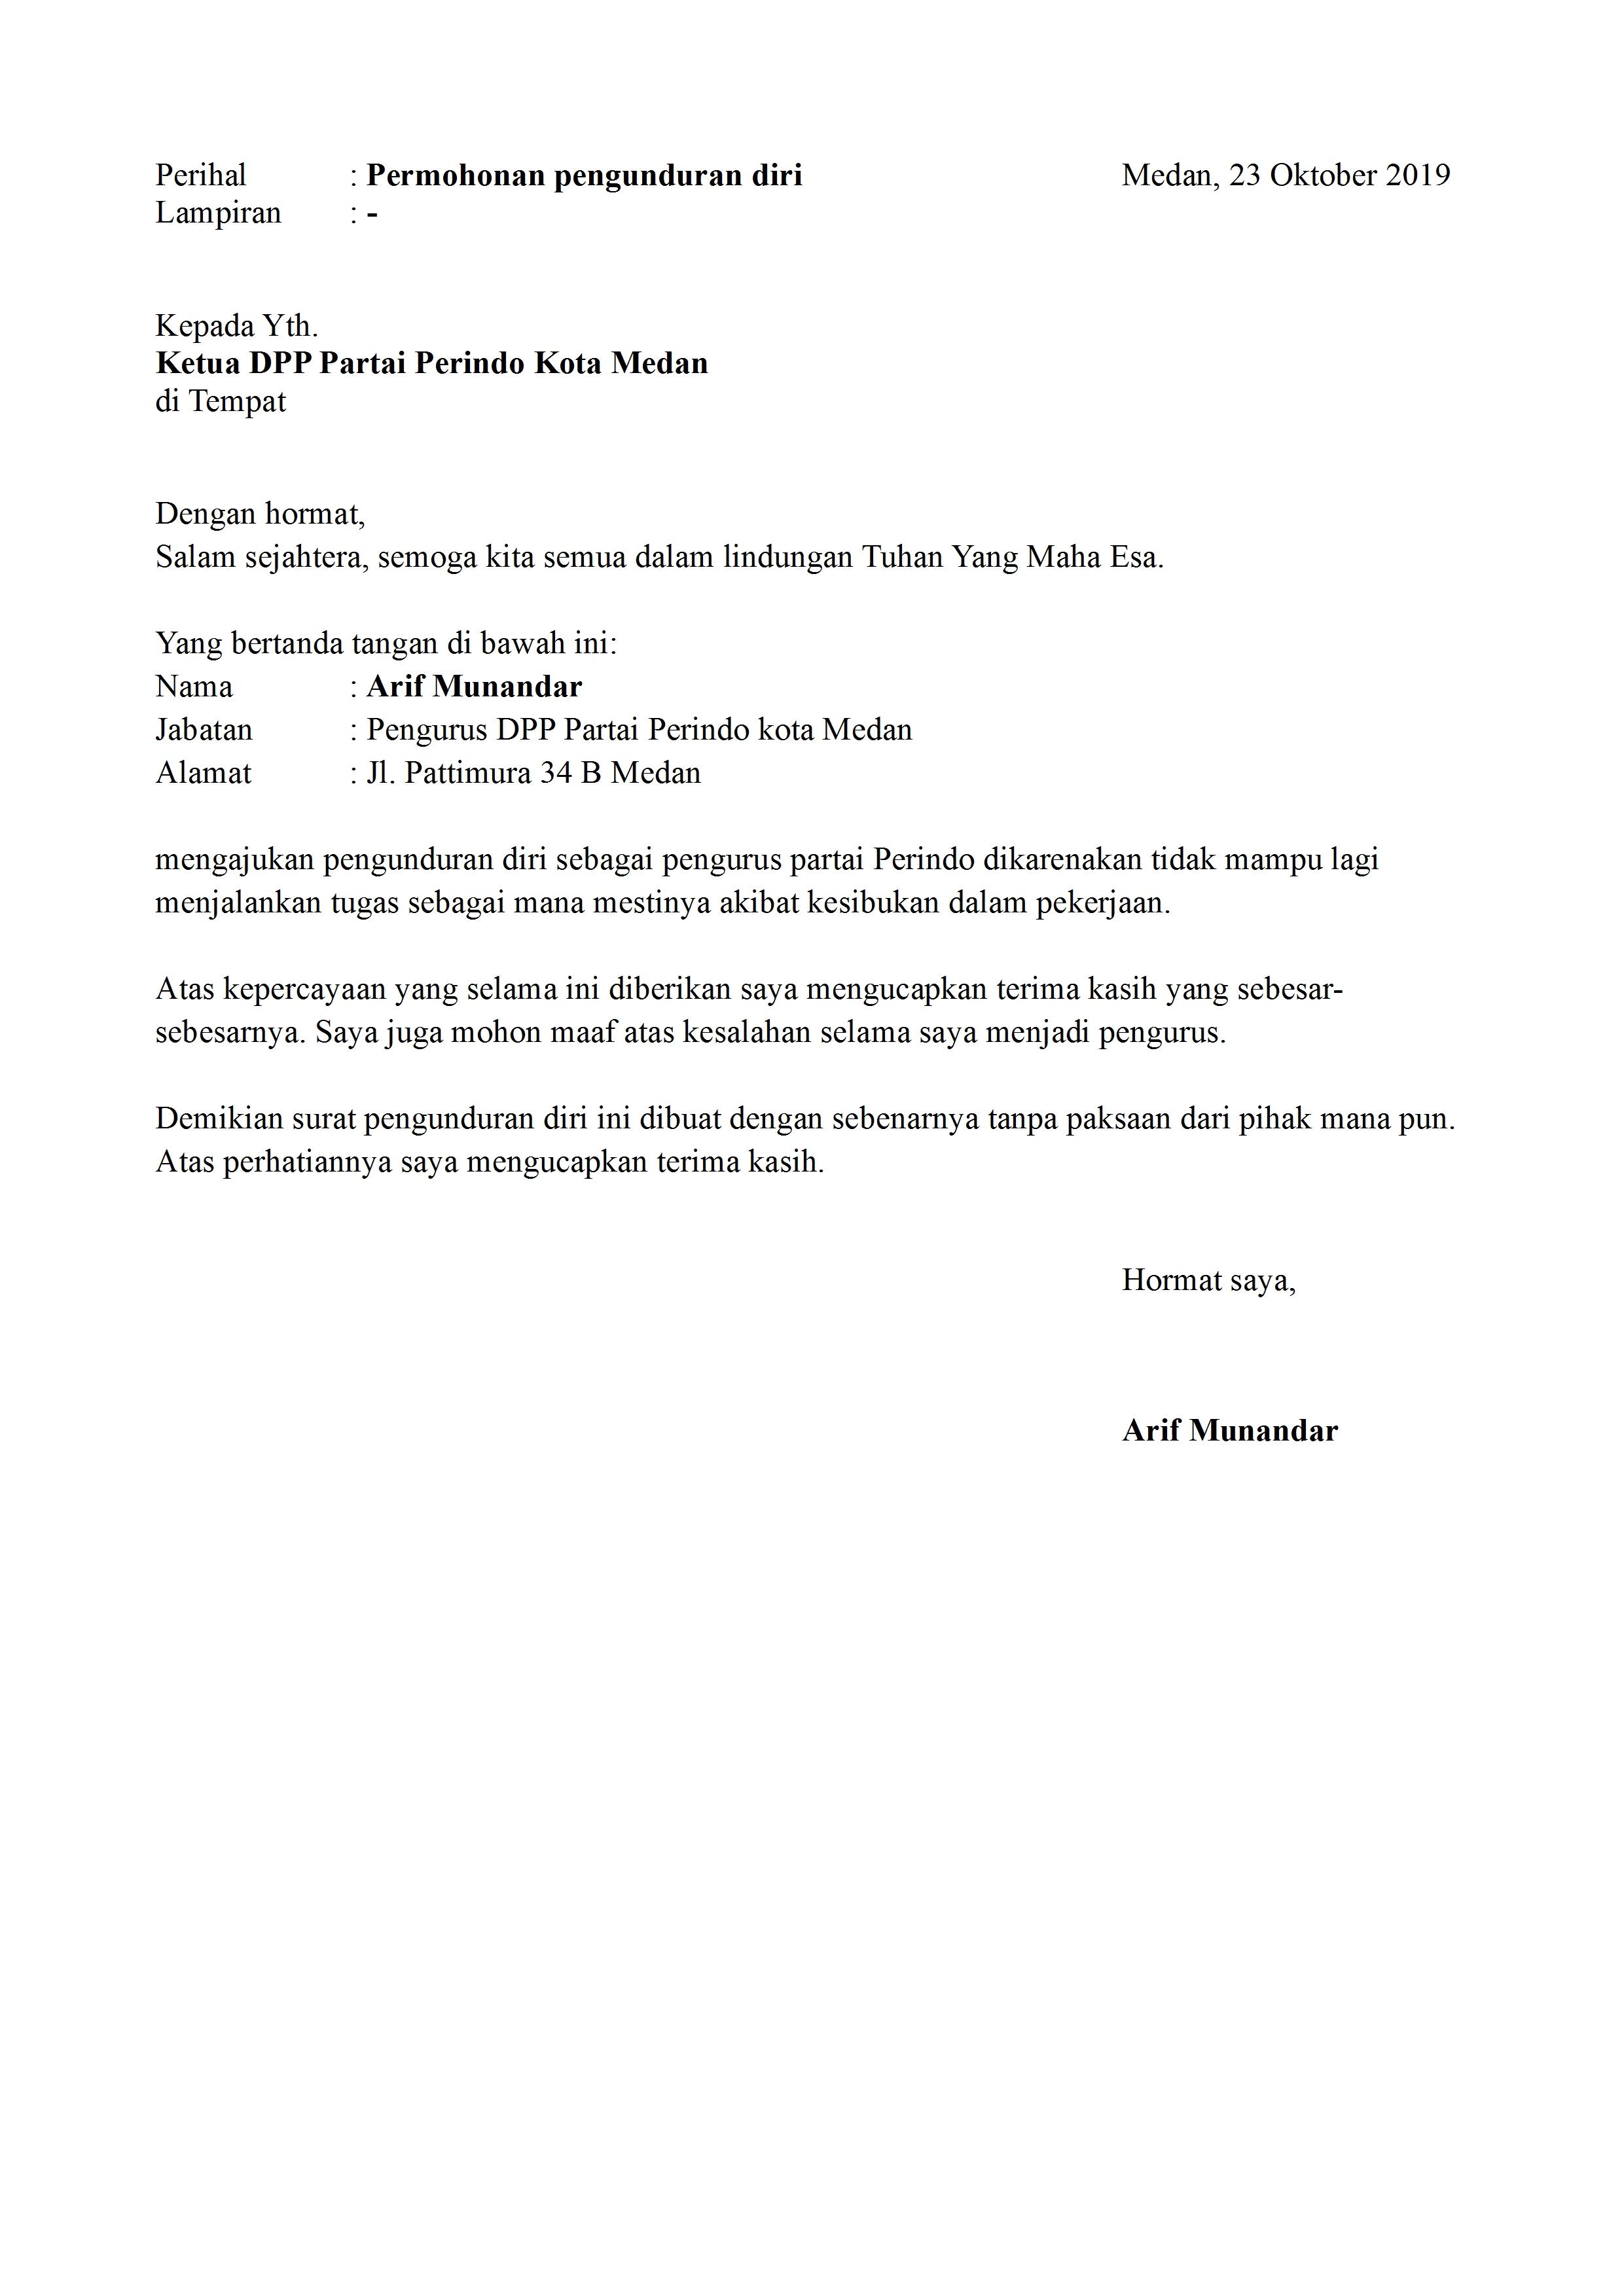 Contoh Surat Pengunduran Diri Sebagai Direktur Dalam ...